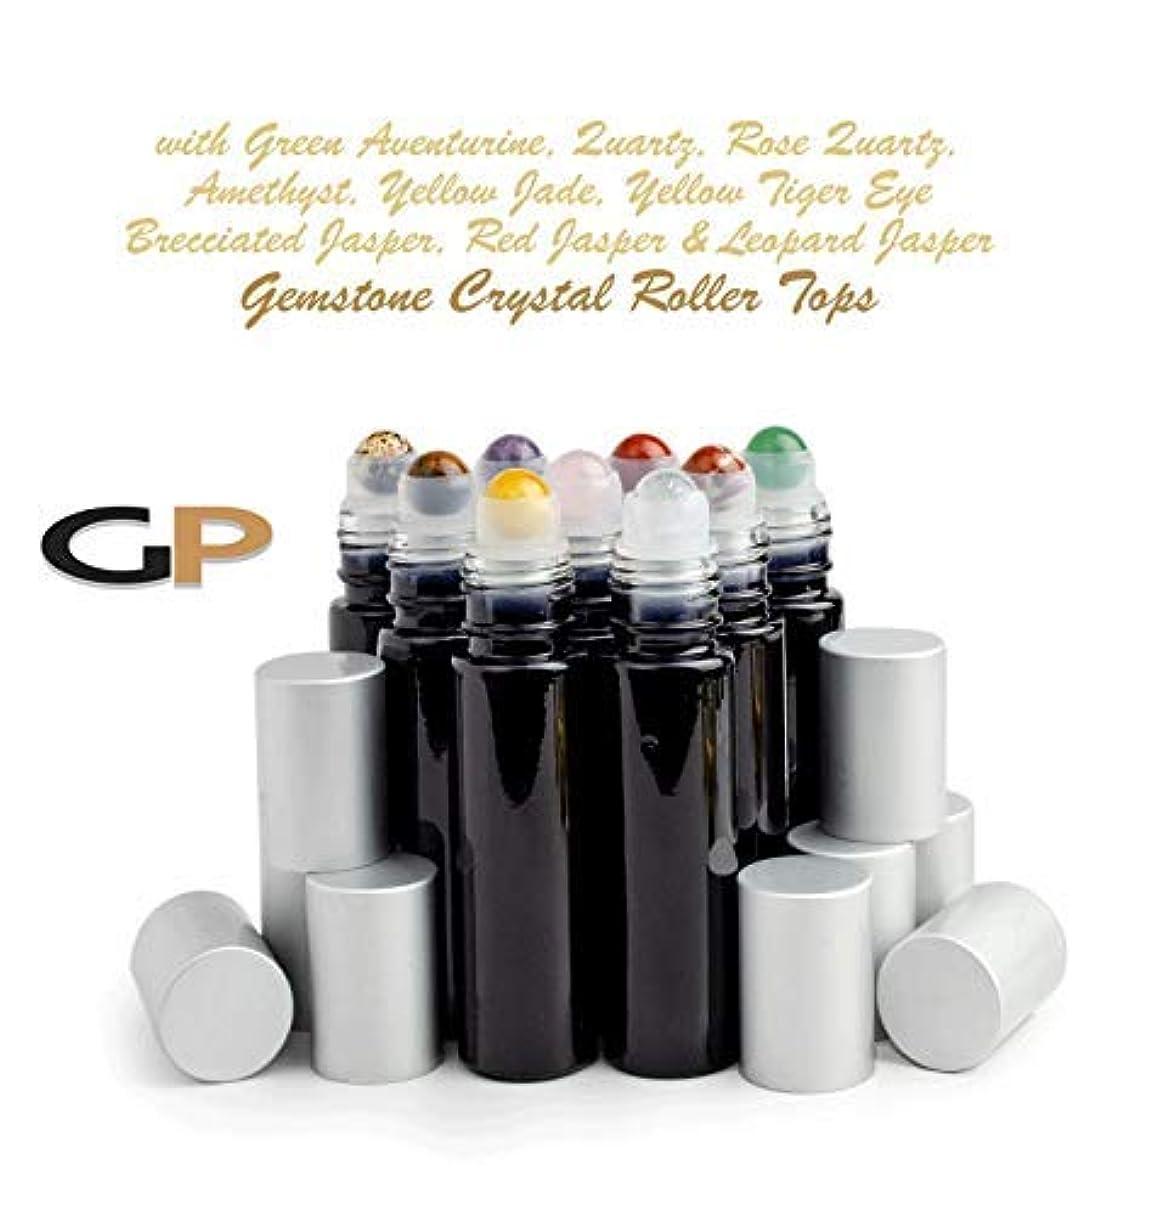 マラドロイト扱う落ち着かないGrand Parfums 9 Gemstone Crystal Roller Tops in 10ml Shny Black Glass Bottles, with Matte Silver Caps for Essential Oil Blends, DIY Aromatherapy [並行輸入品]